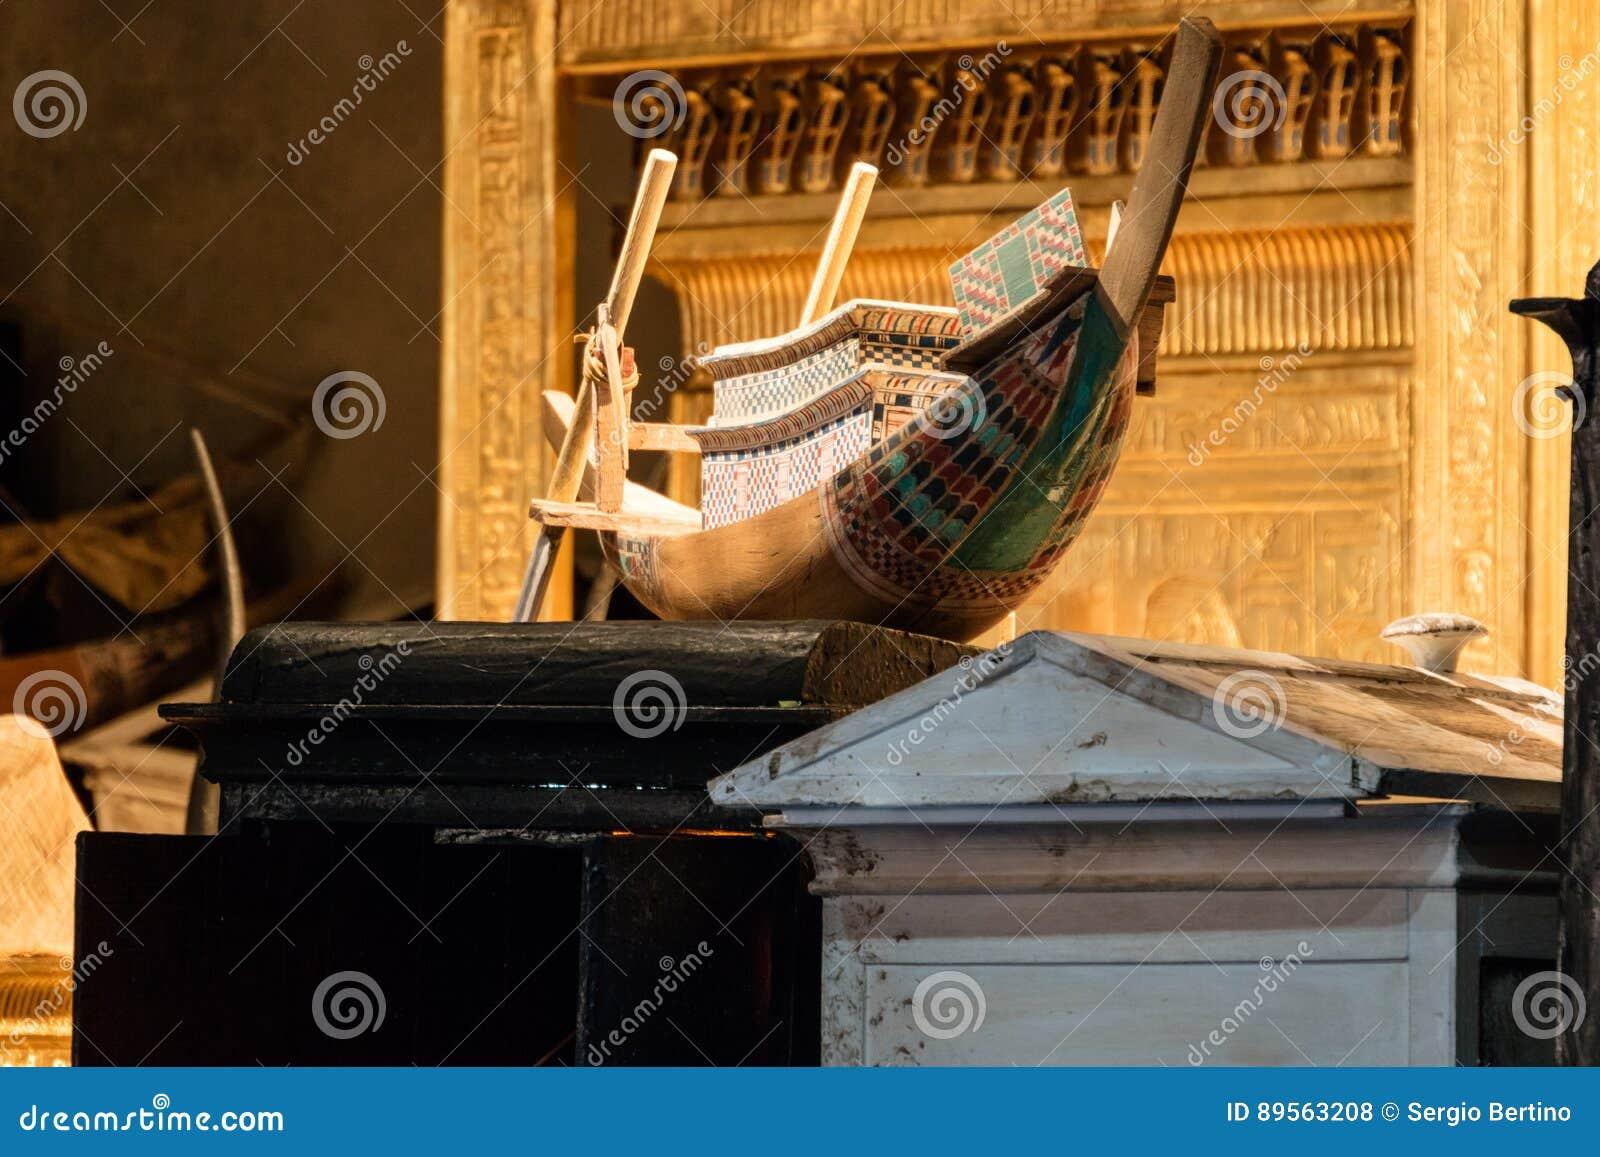 Detalles de un museo egipcio